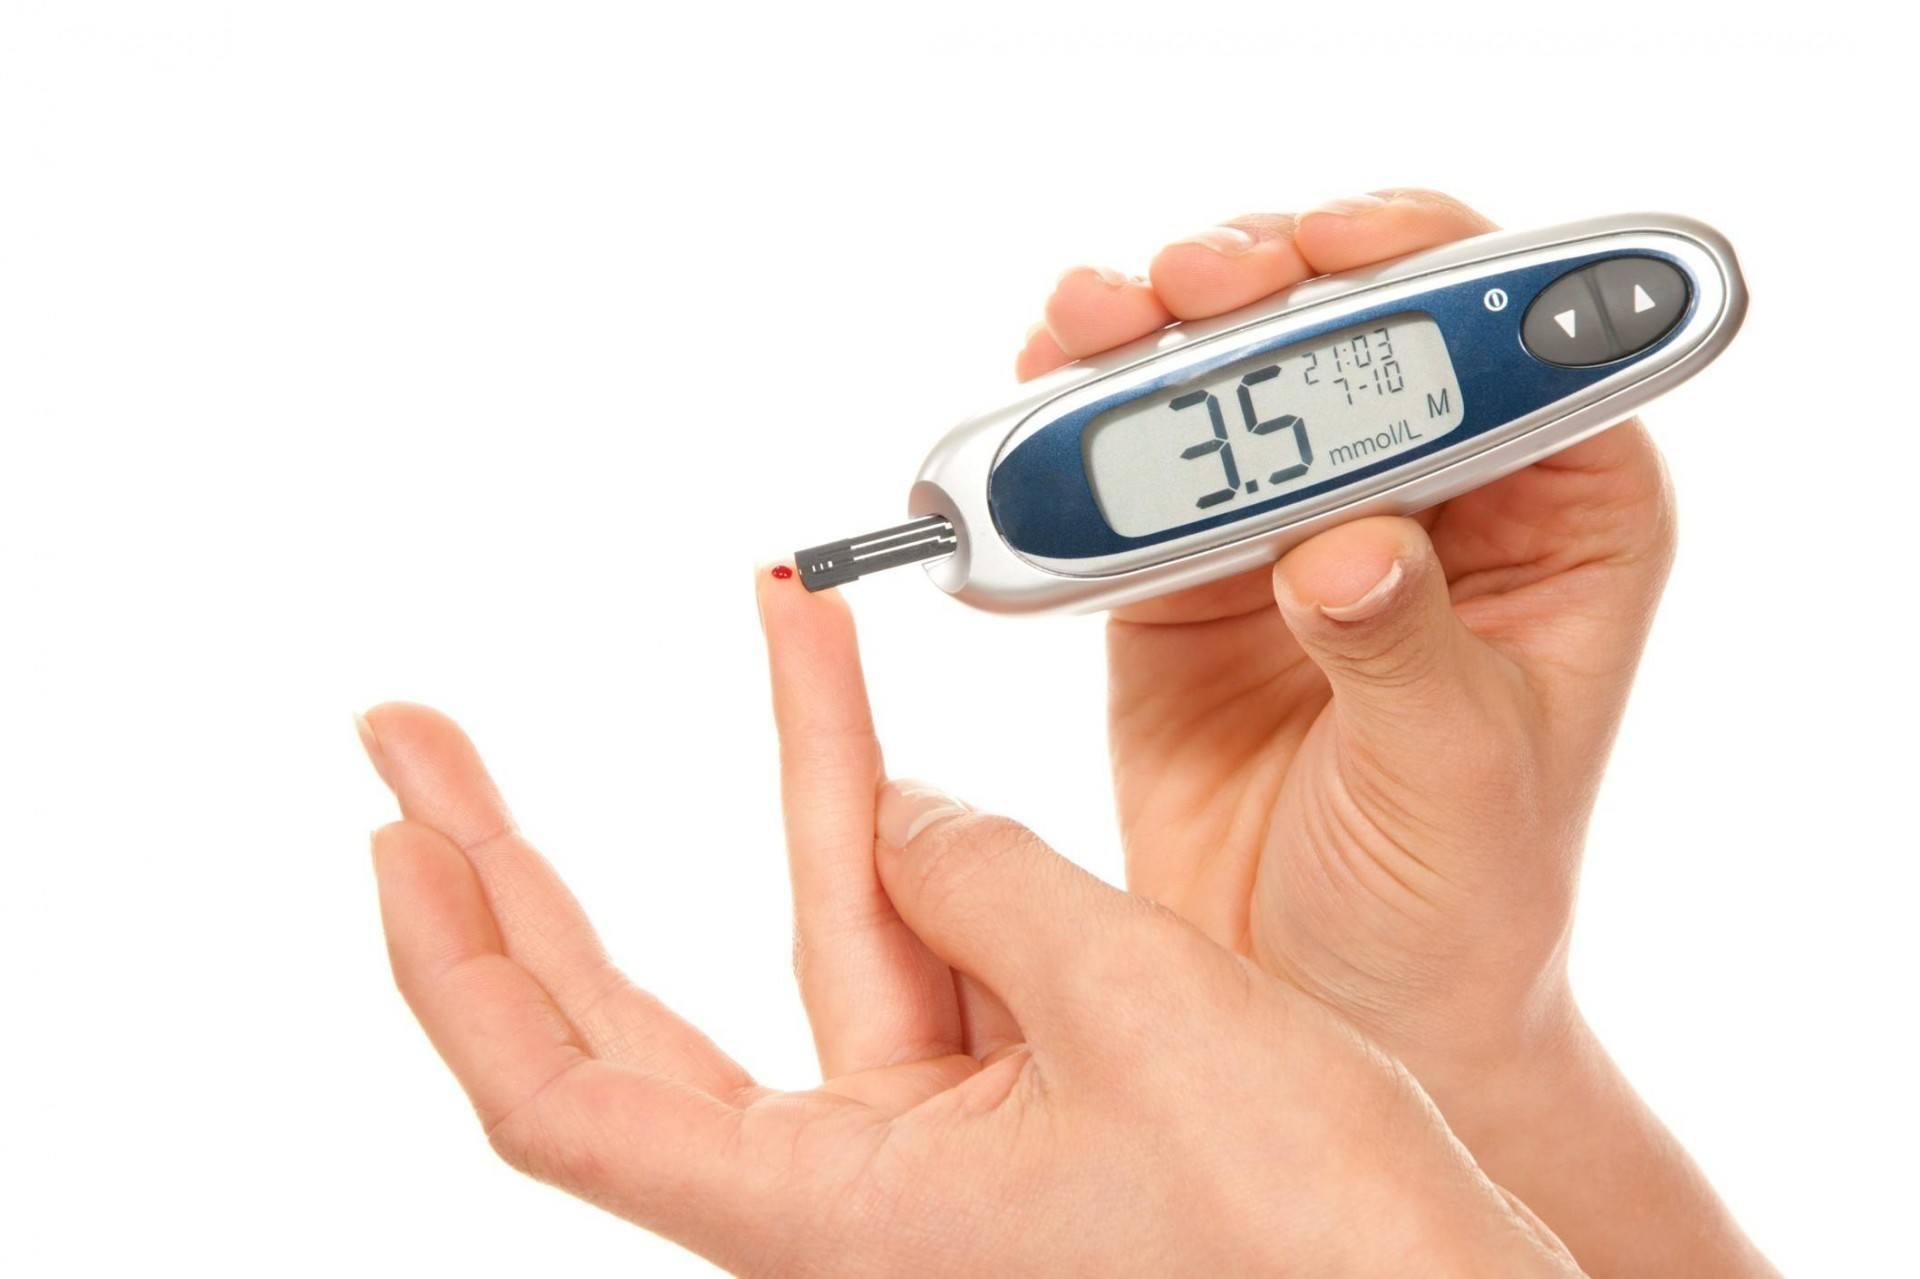 Conviver com a Diabetes: dieta adequada pode ajudar a controlar a glicemia e evitar complicações